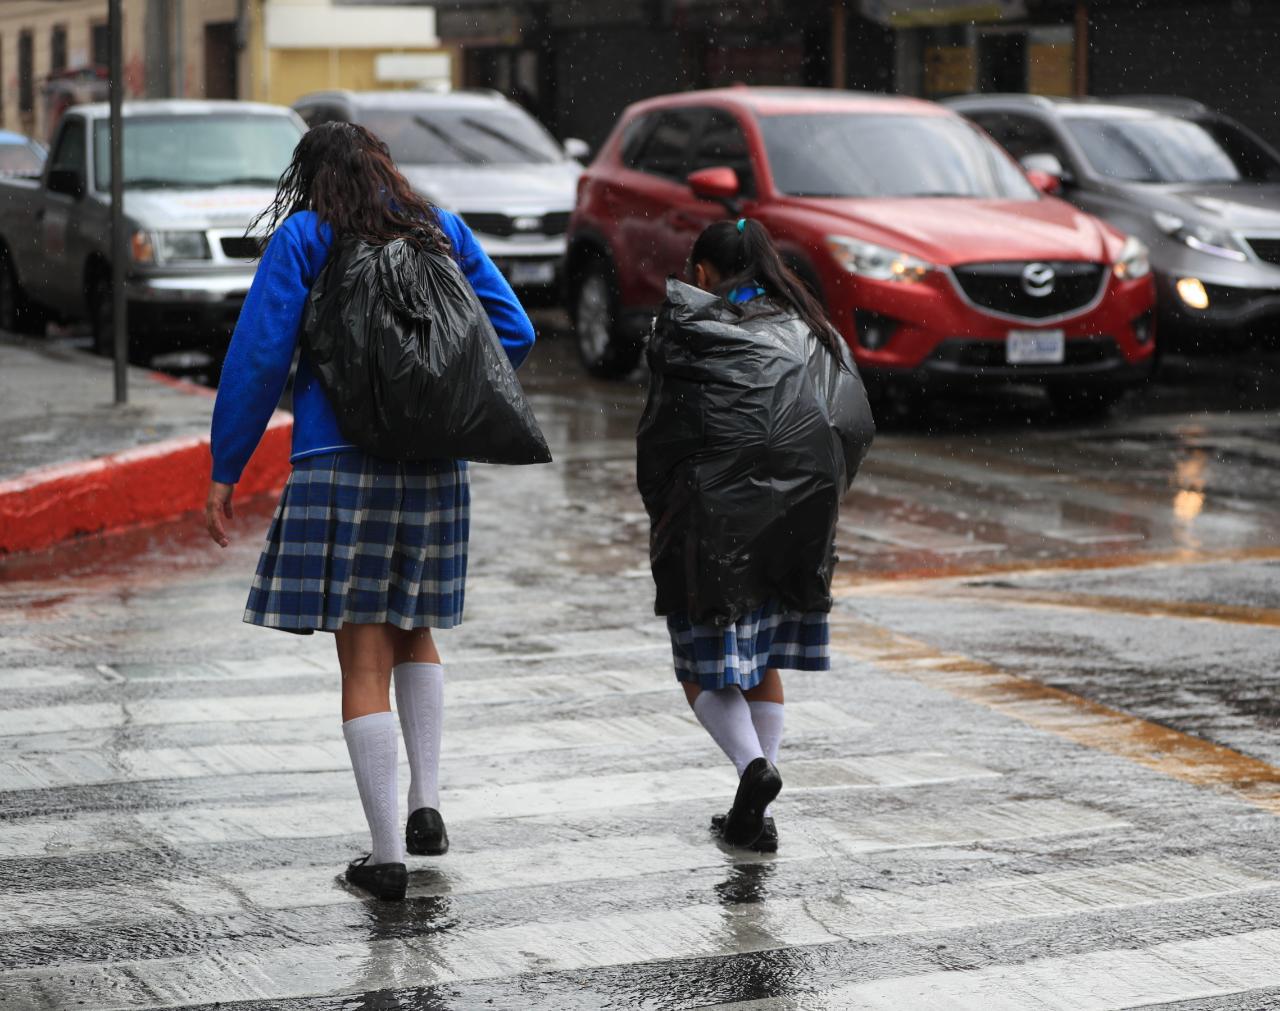 Se espera que durante esta época lluviosa algunos sistemas tropicales afecten el territorio nacional. (Foto Prensa Libre: Hemeroteca PL)